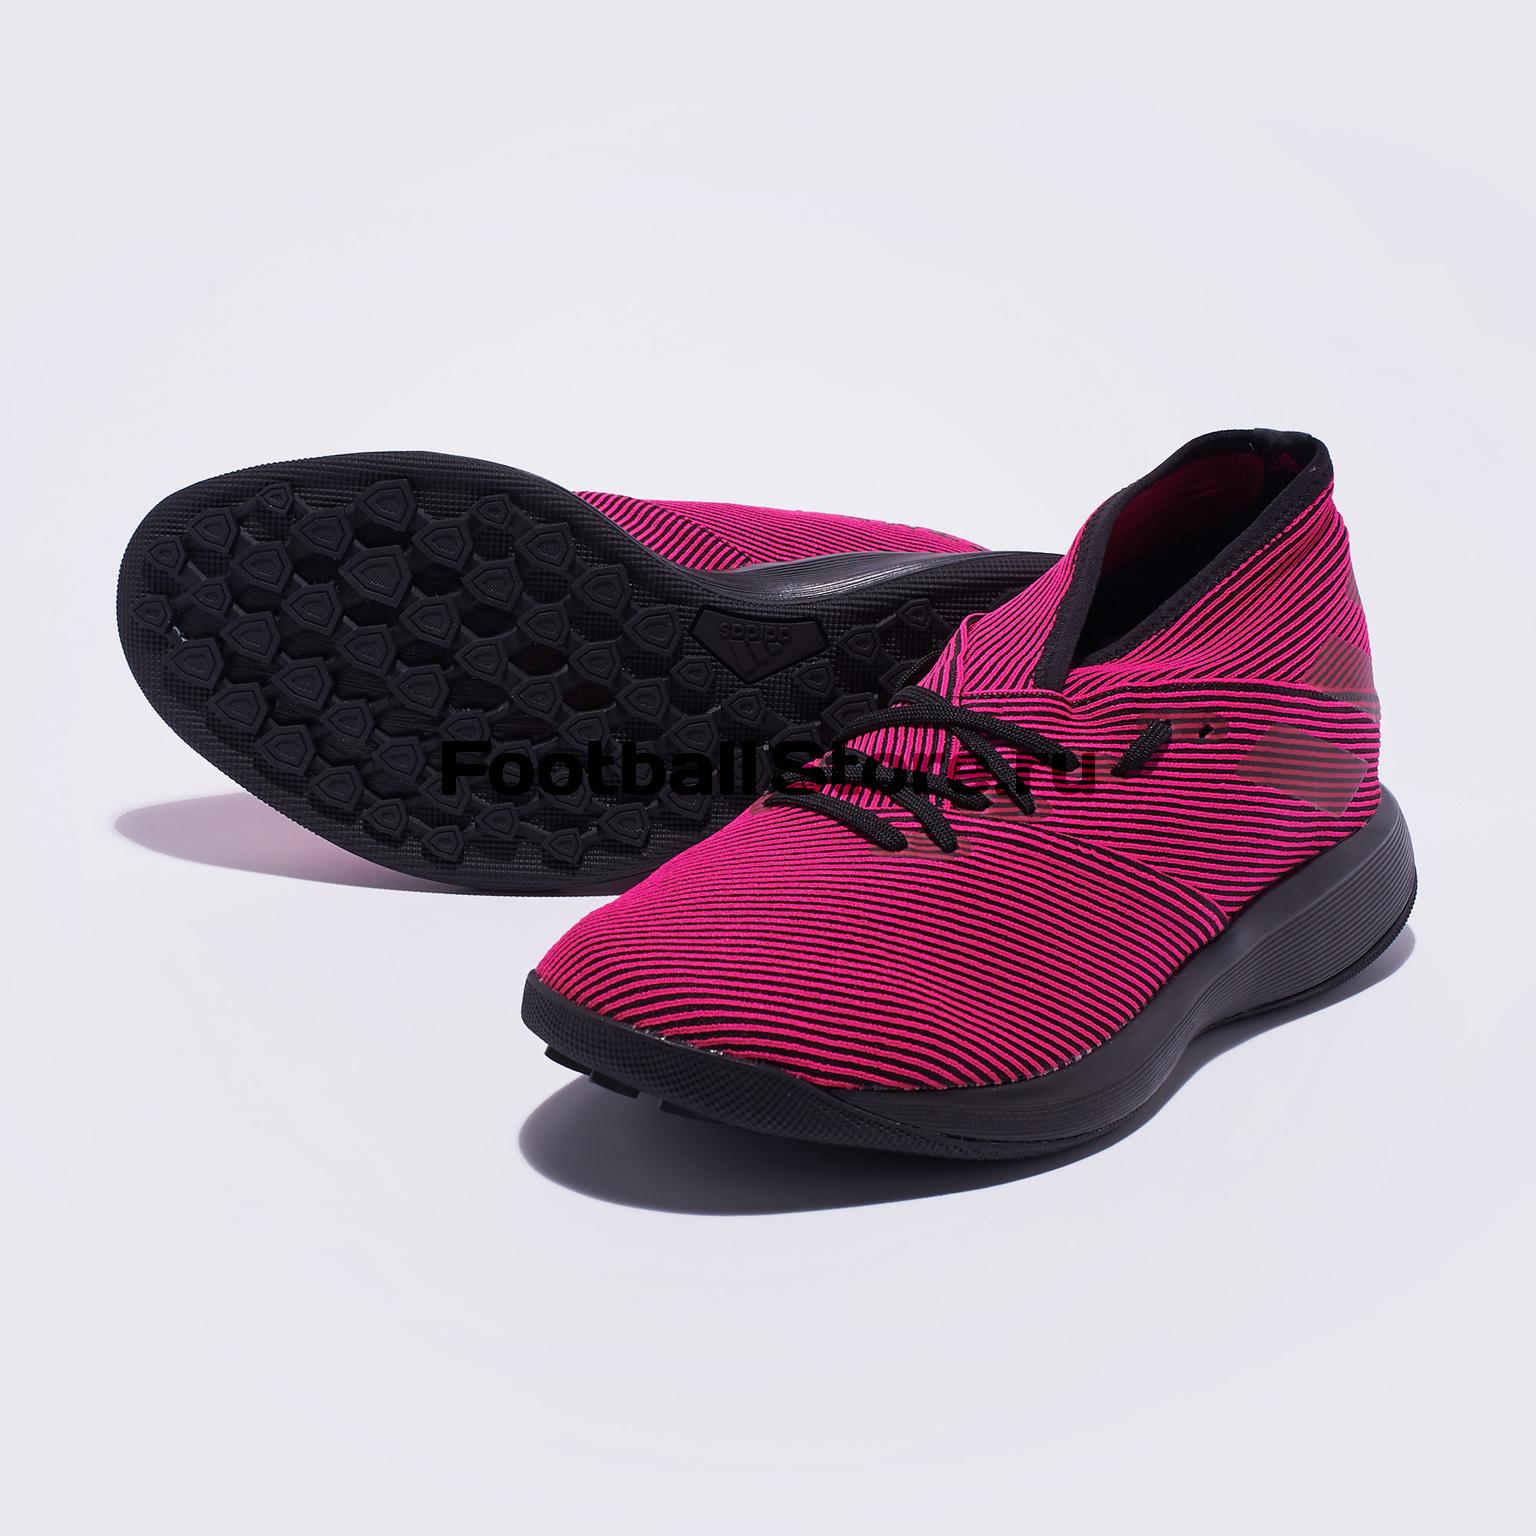 Футбольная обувь Adidas Nemeziz 19.3 TR F34741